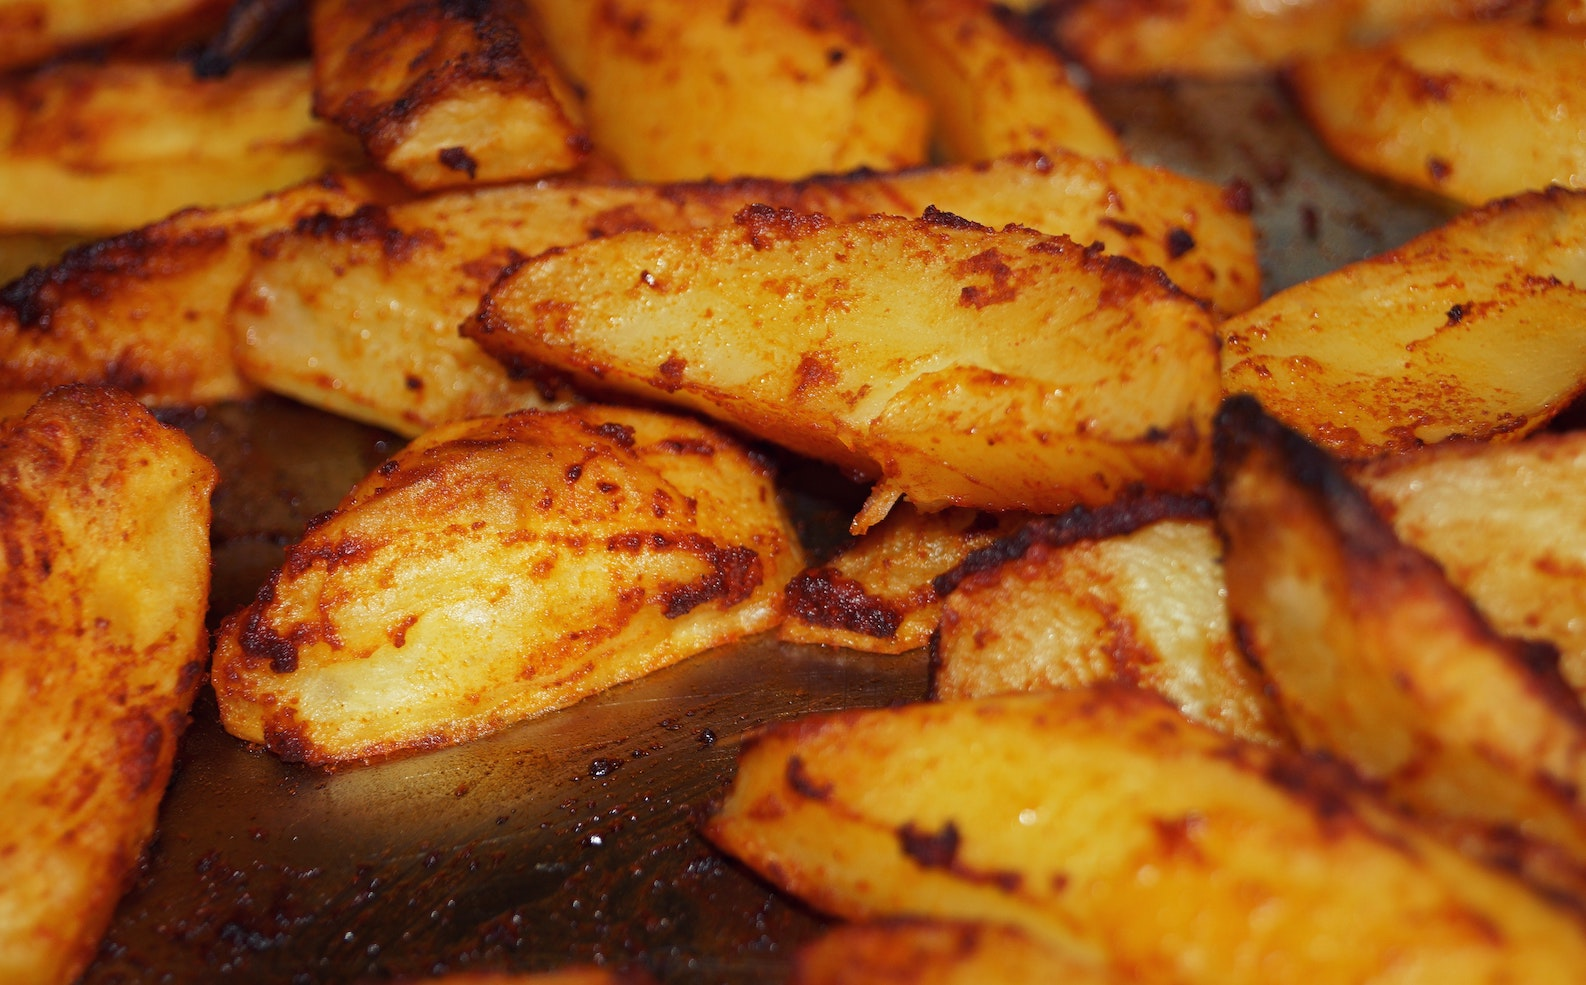 Kartoffeln im Ofen: Wie lange brauchen Kartoffeln im Backrohr?